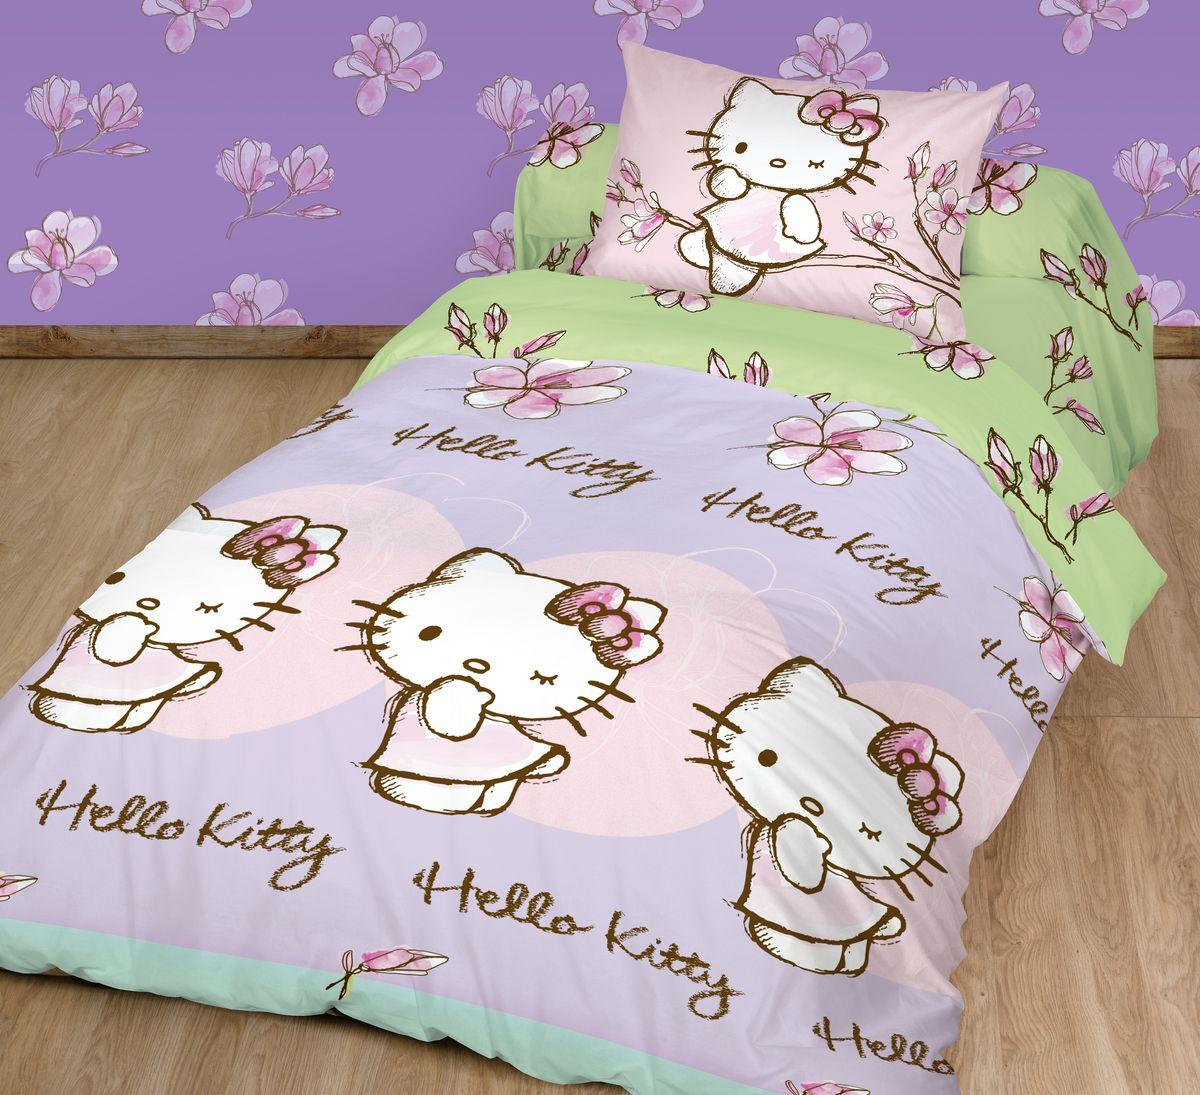 Комплект постельного белья Hello Kitty, 1,5-спальный, наволочка 70х70, цвет: сиреневый + ПОДАРОК: Наволочка Hello Kitty, 70 х 70 см718356Детский комплект постельного белья Hello Kitty состоит из 2 наволочек, пододеяльника и простыни. Такой комплект идеально подойдет для кровати вашего ребенка и обеспечит ему здоровый сон. Он изготовлен из ранфорса, дарящего малышу непревзойденную мягкость. Натуральный материал не раздражает даже самую нежную и чувствительную кожу ребенка, обеспечивая ему наибольший комфорт. Приятный рисунок комплекта подарит вашему ребенку встречу с любимыми героями полюбившегося мультфильма и порадует яркостью и красочностью дизайна.